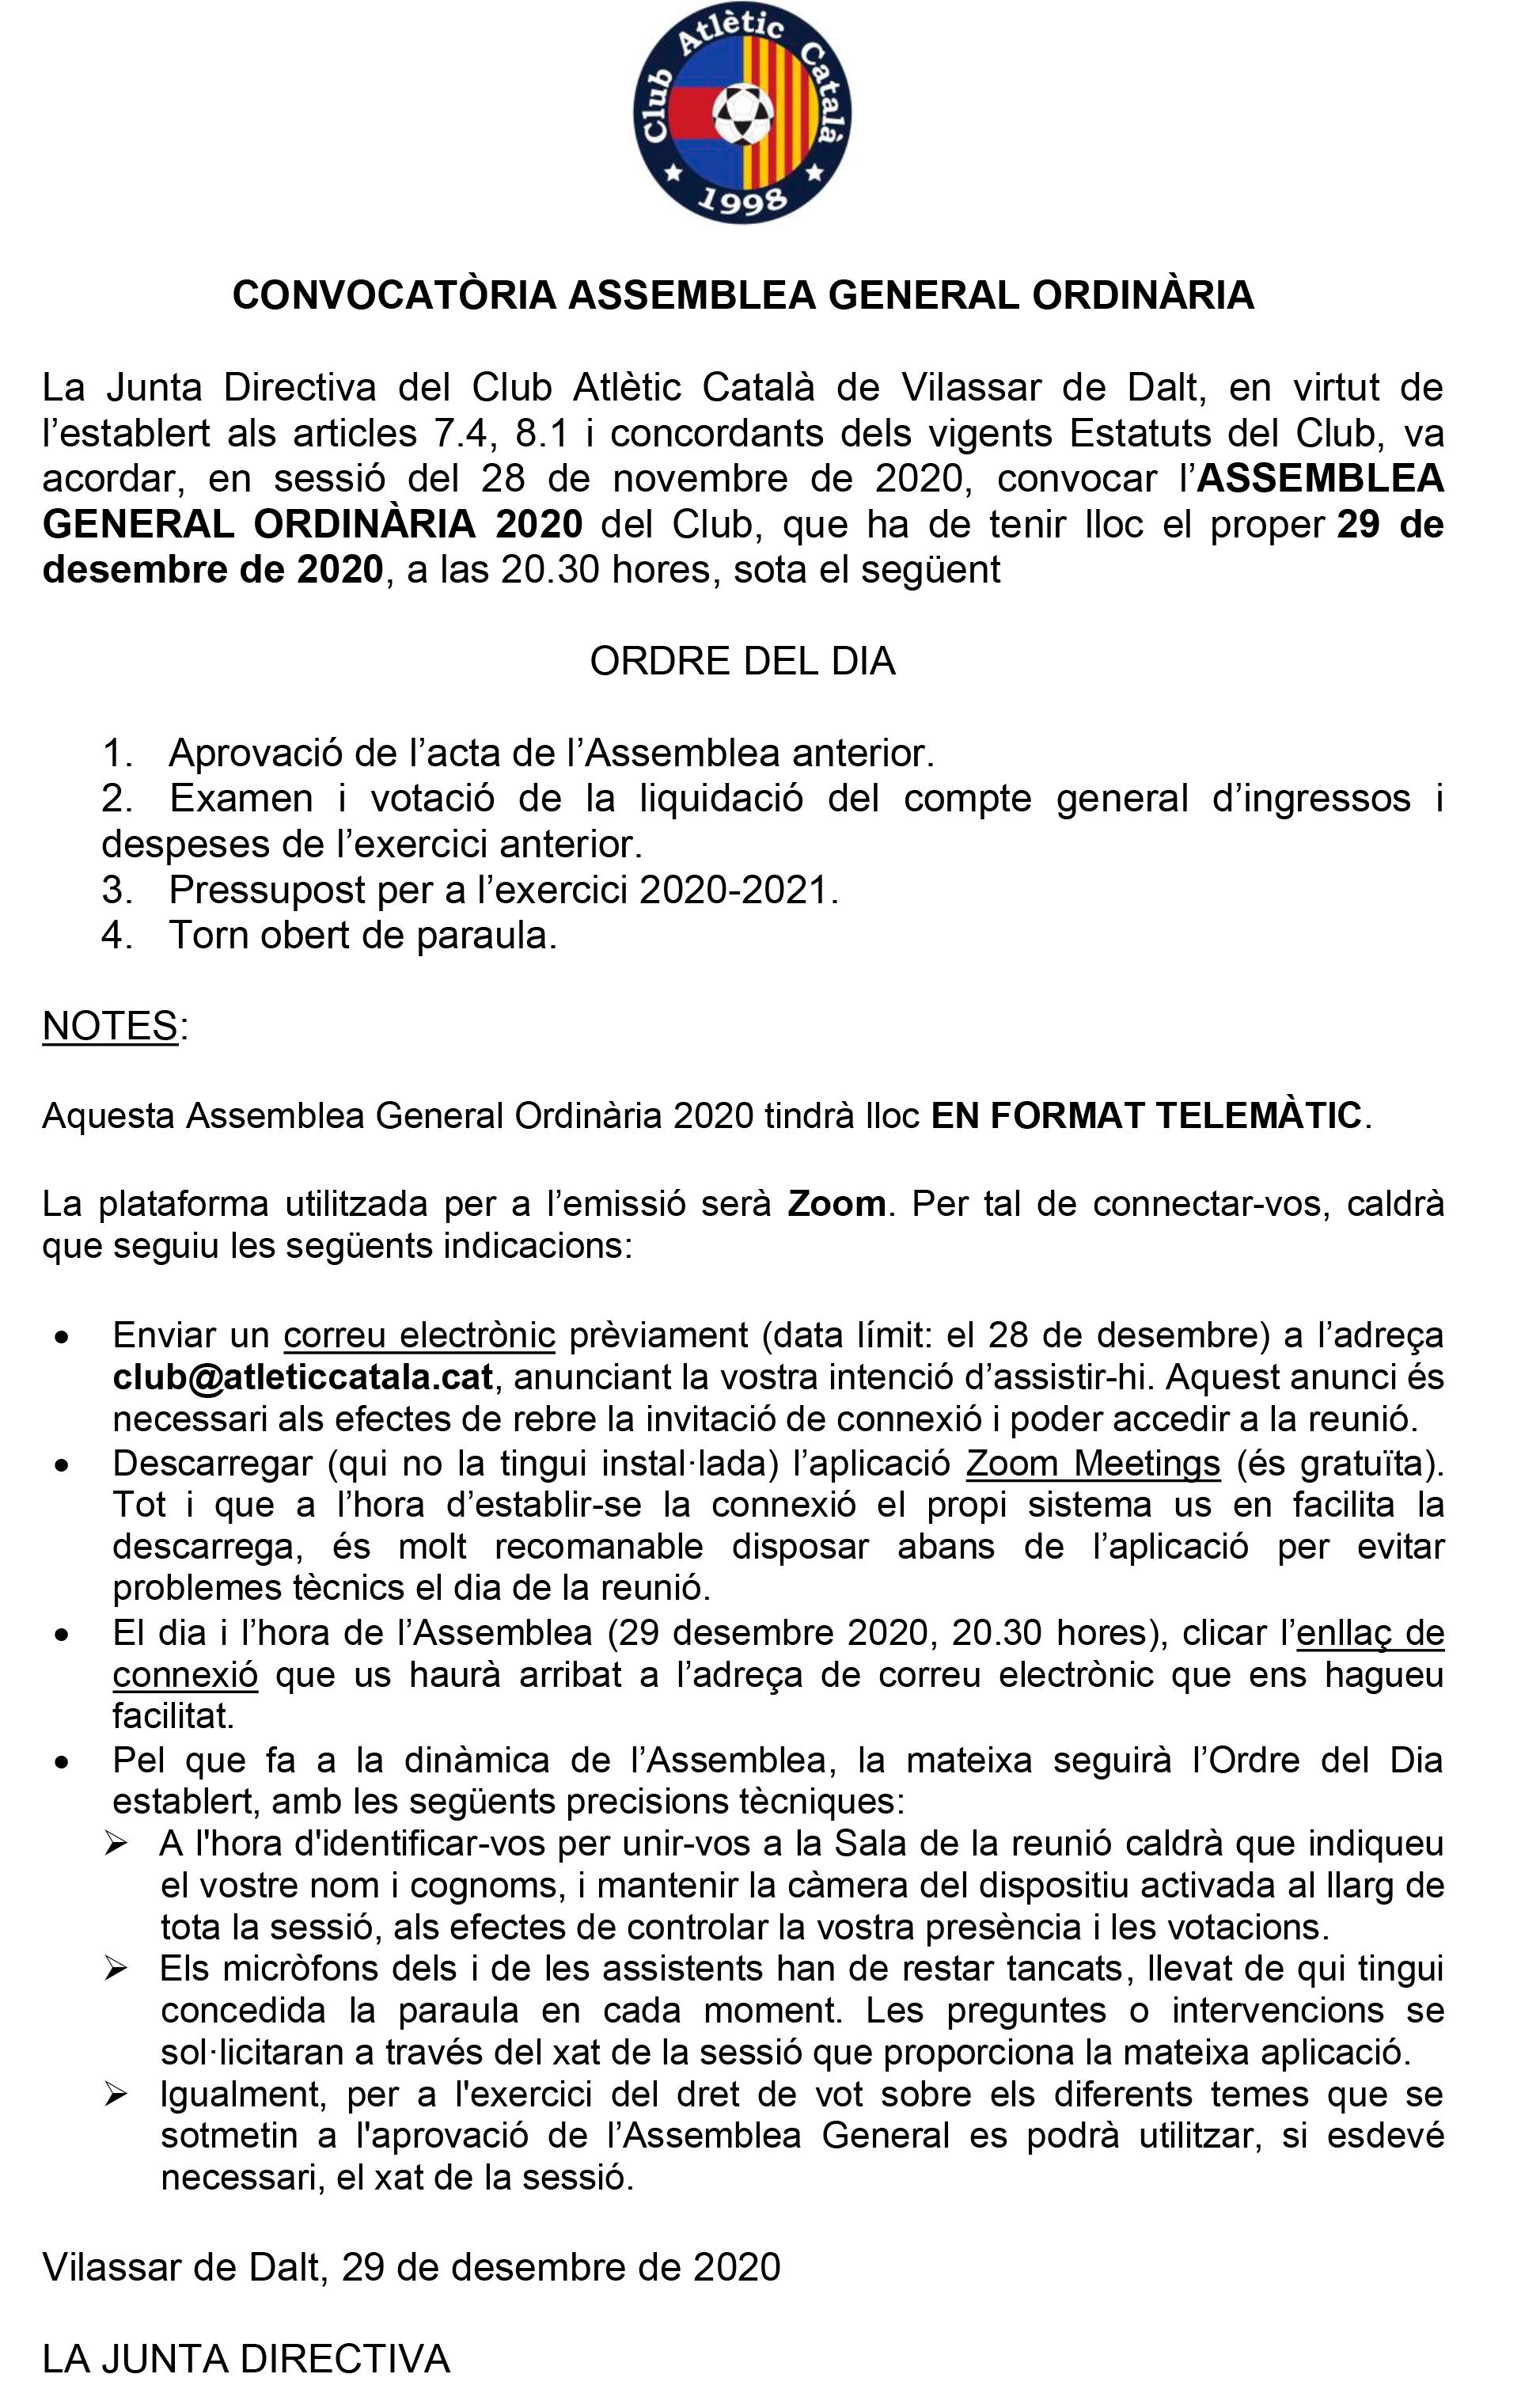 CONV. ASSEMBLEA ORDINARIA ATLETIC CATALA 2020 (1)